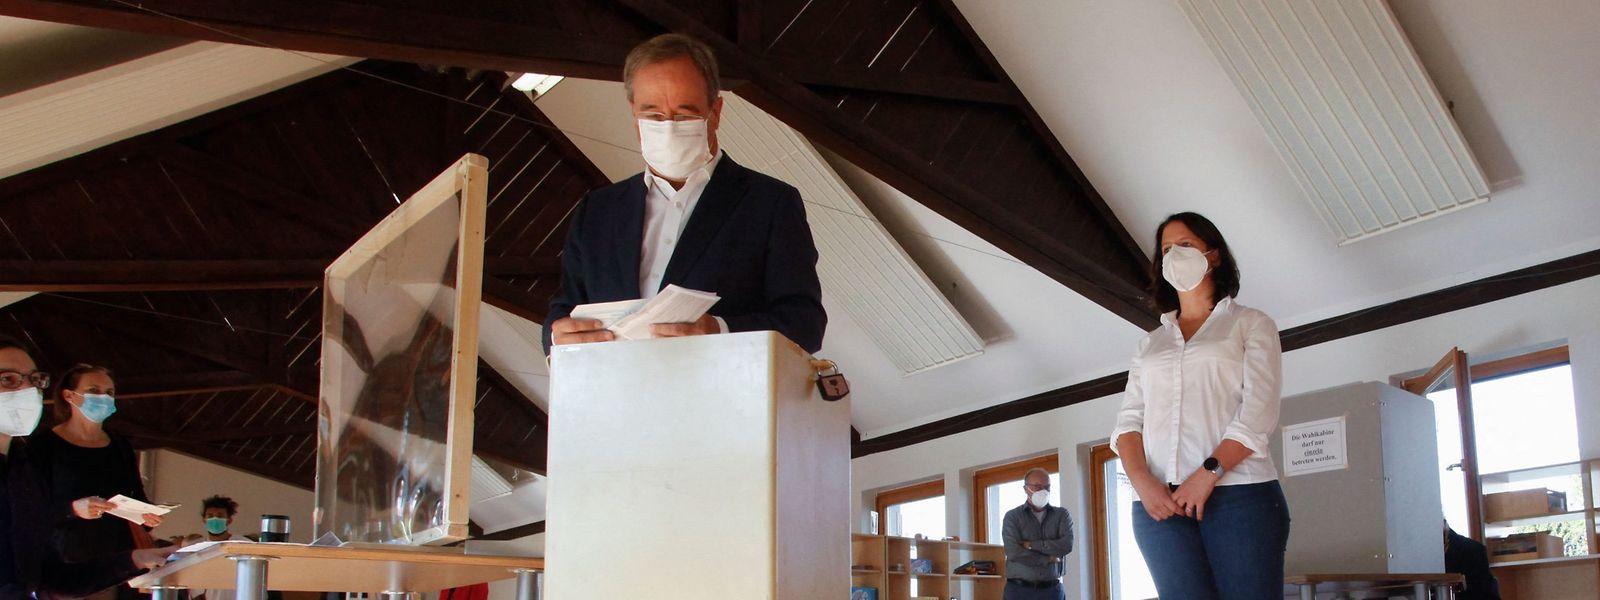 CDU-Kanzlerkandidat Armin Laschet hat den Wahlzettel verkehrt herum gefaltet, so dass alle sehen konnten, was er angekreuzt hat.